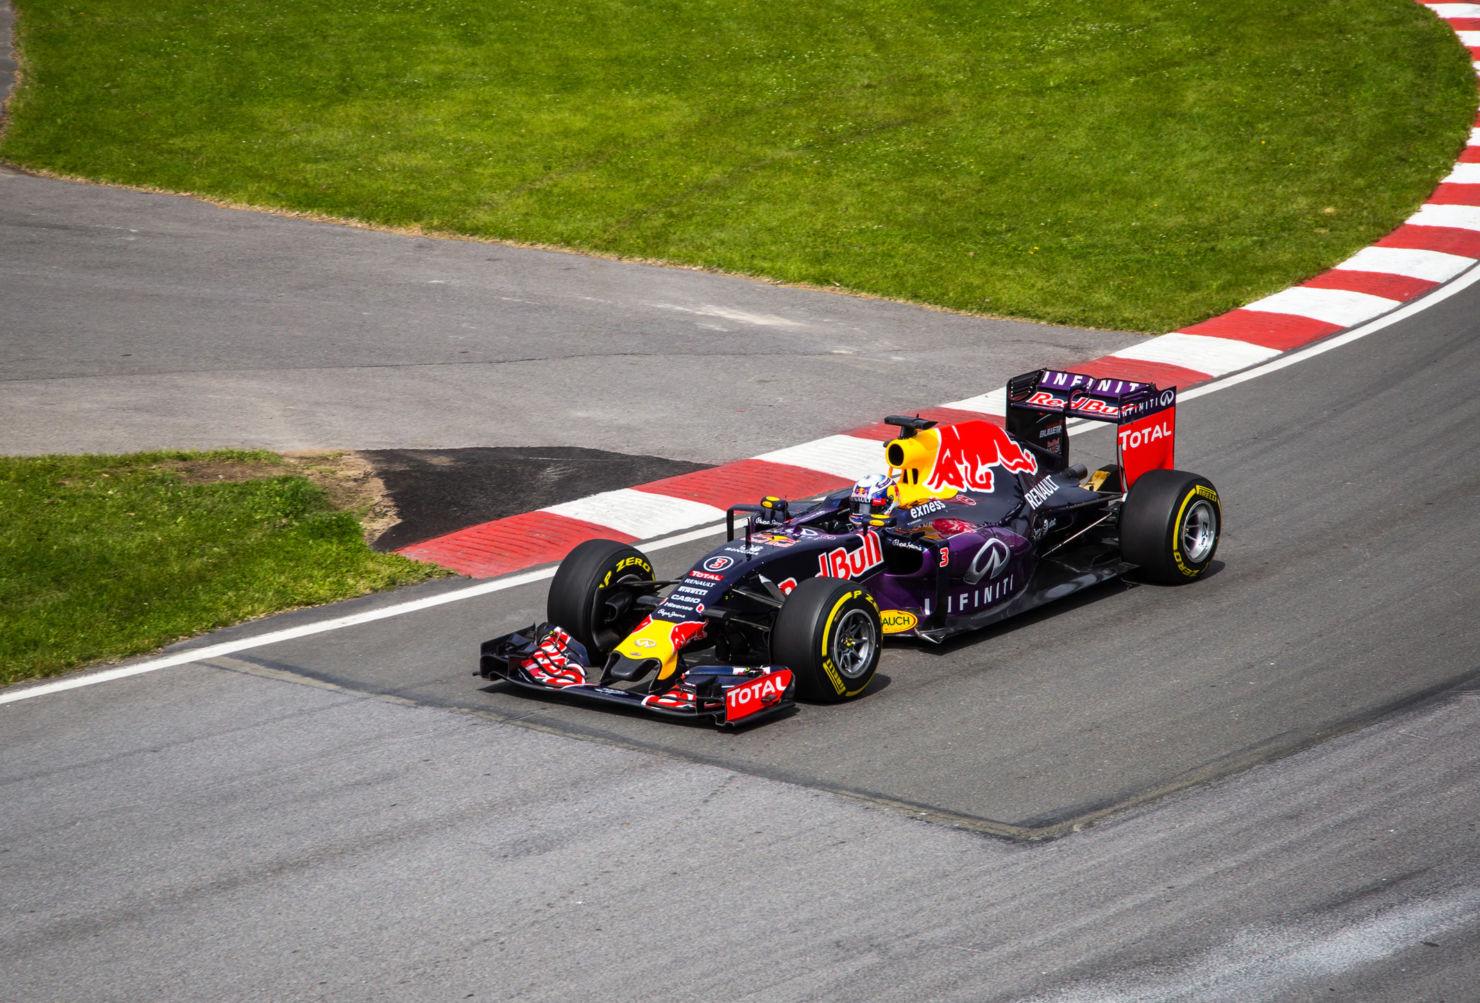 Fórmula 1, Gran Premio de la Ciudad de México 2020 - formula-1-gran-premio-de-la-ciudad-de-mexico-2020